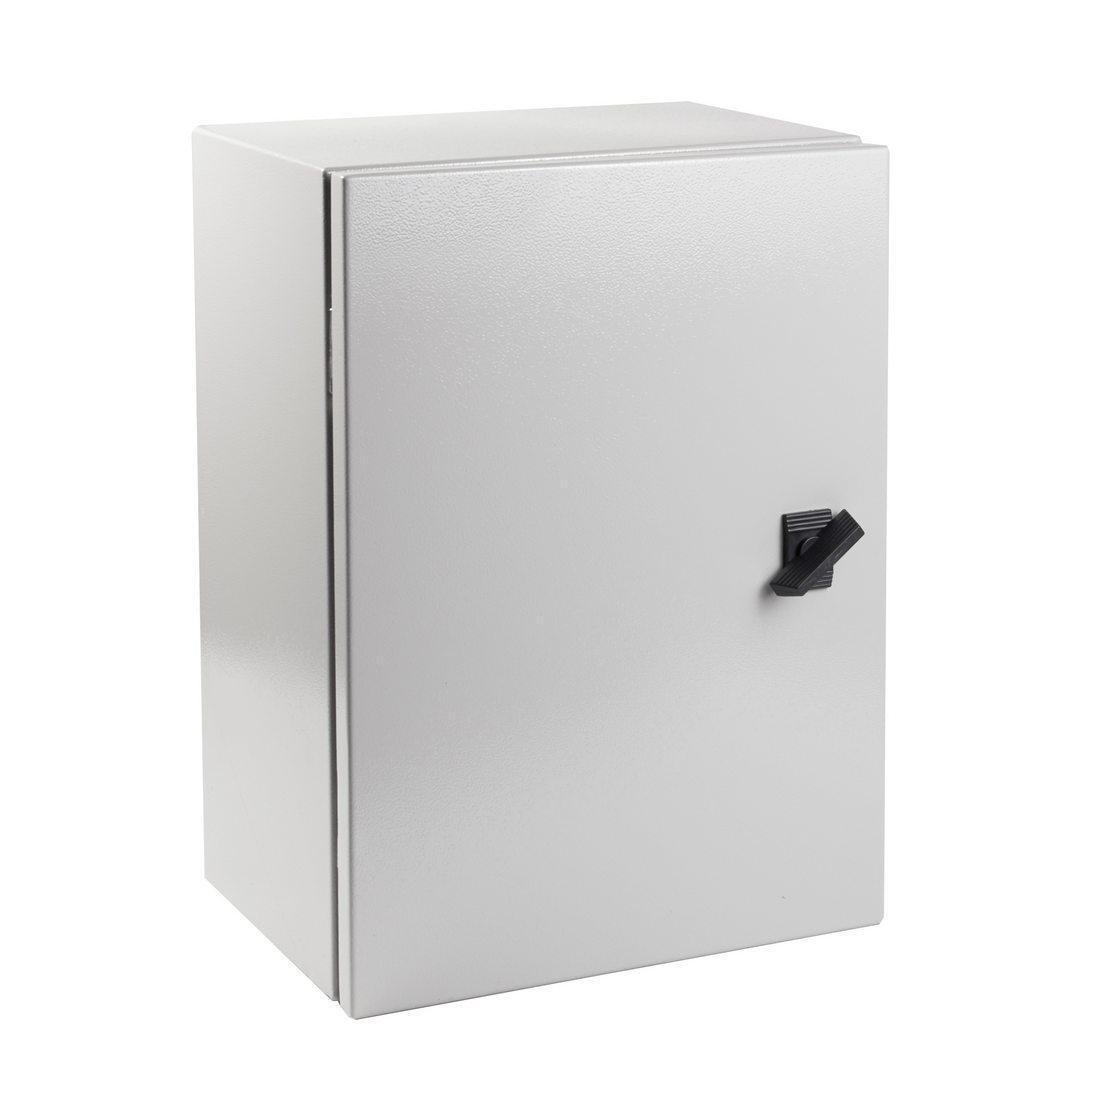 Щит металлический ANDELI 600*400*250 (для электрооборудования)